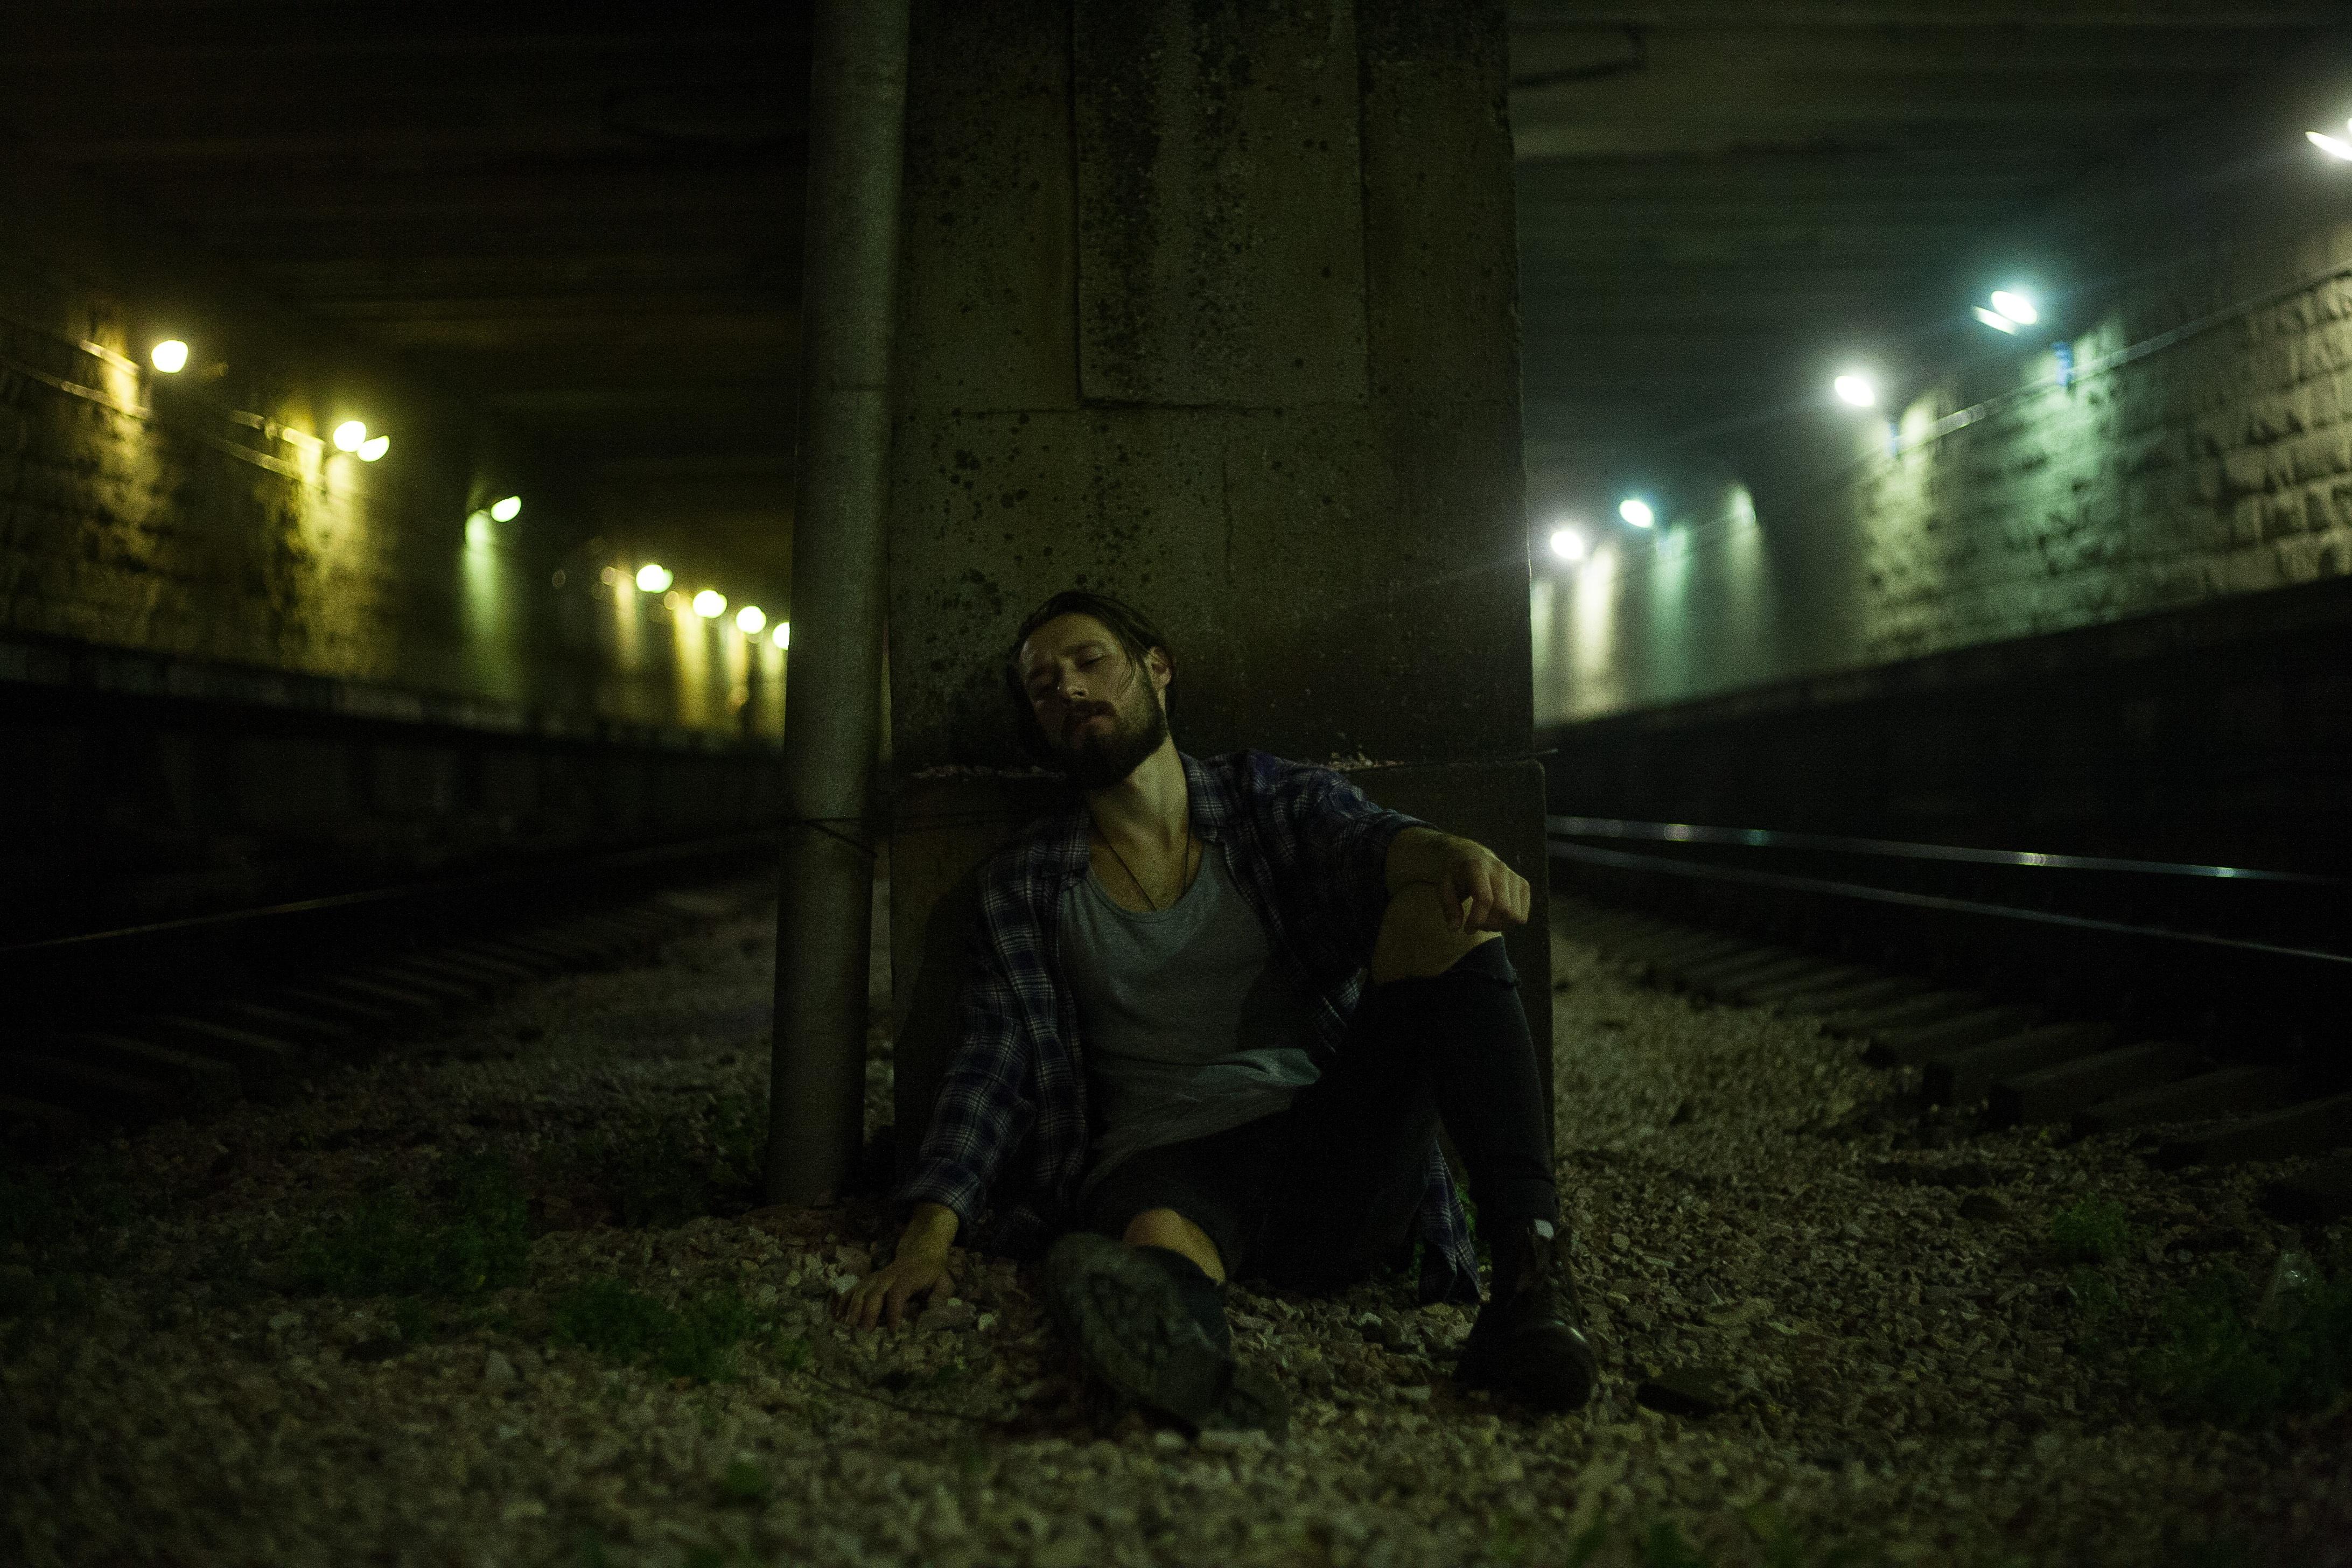 очень опытный пример фото человека в темноте вас есть возможность